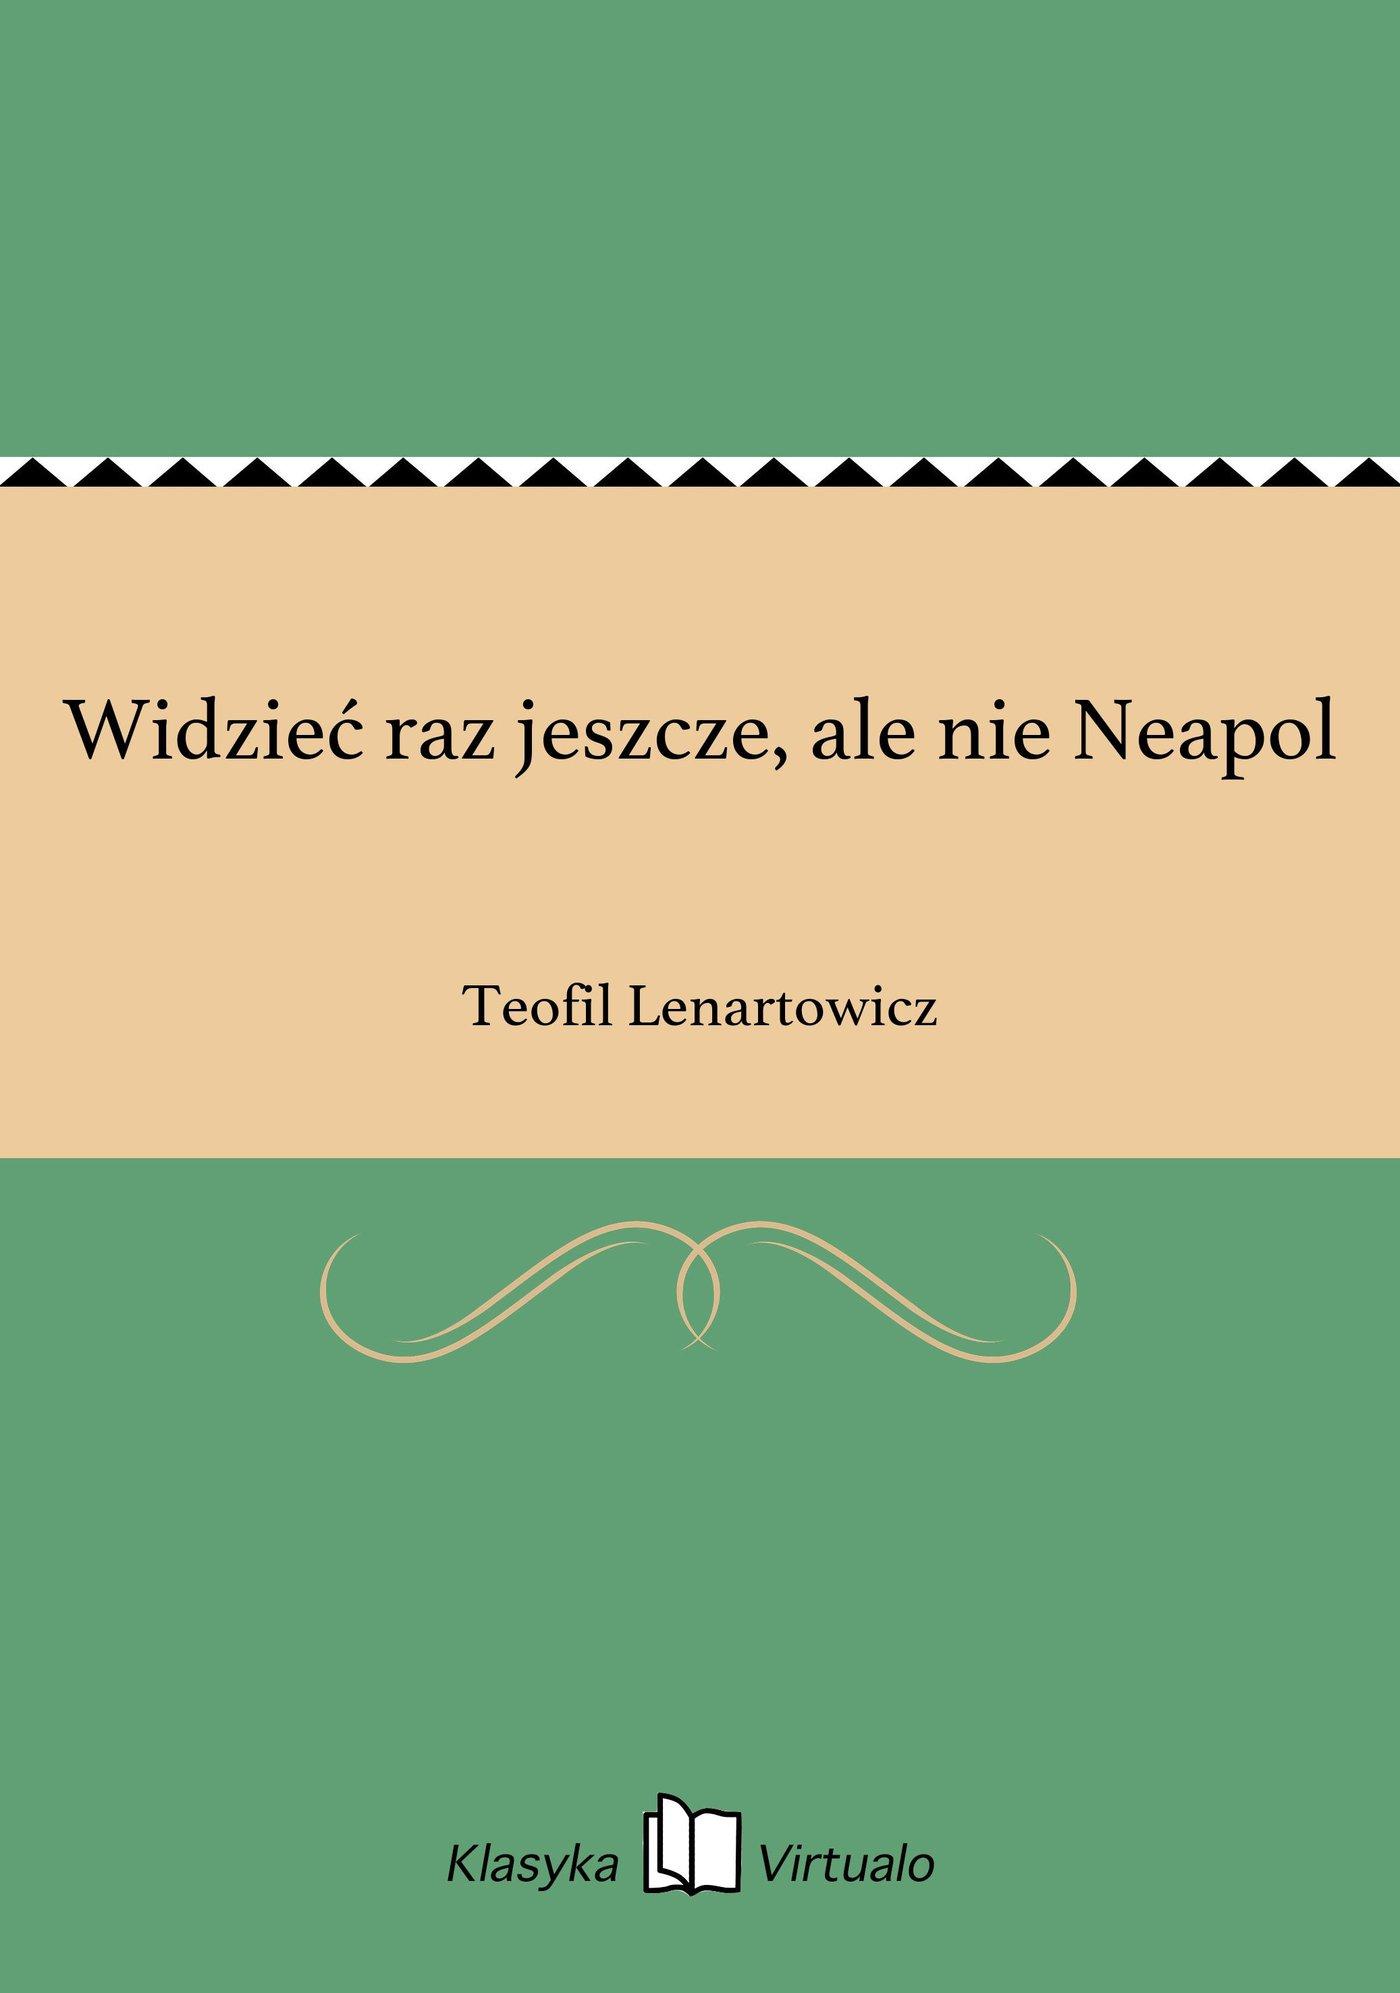 Widzieć raz jeszcze, ale nie Neapol - Ebook (Książka EPUB) do pobrania w formacie EPUB